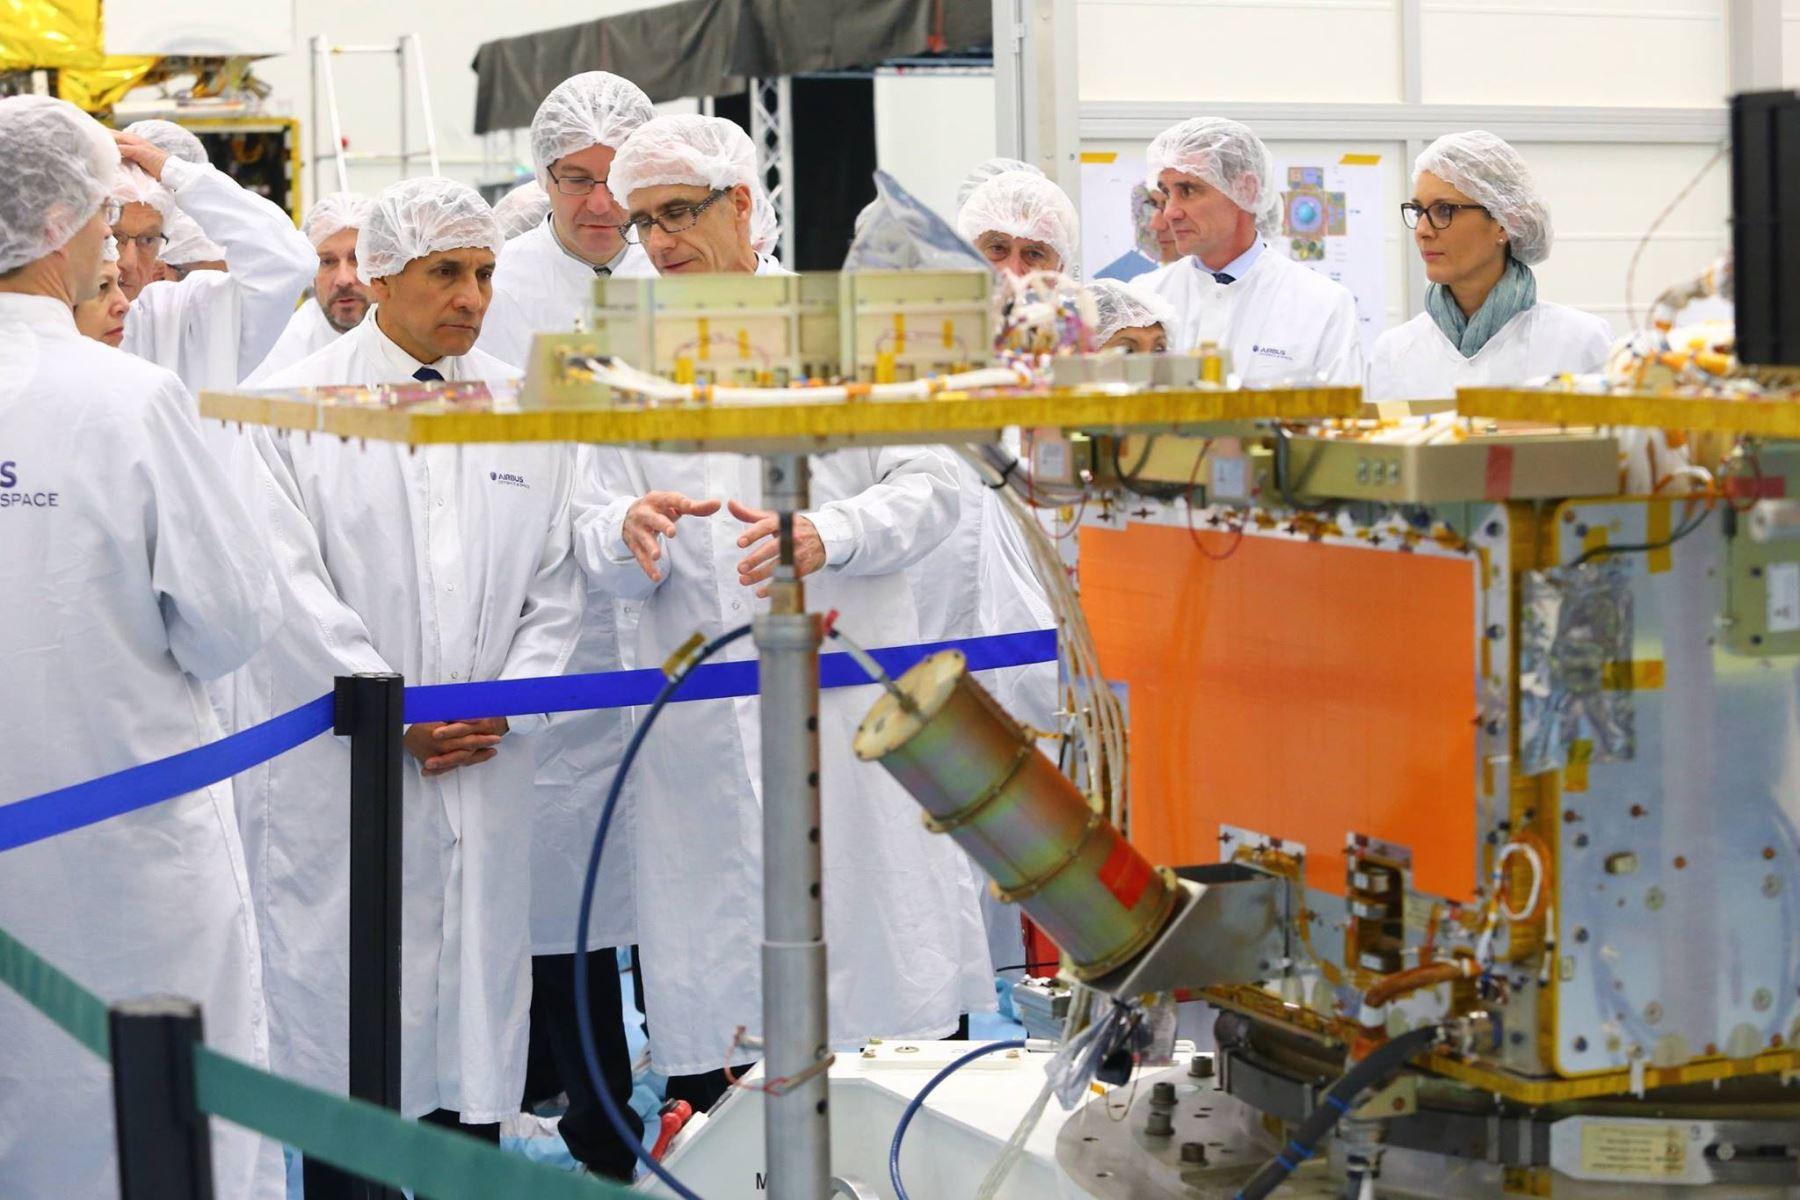 Presidente Ollanta Humala inspecciona avances en la construcción de satélite peruano.